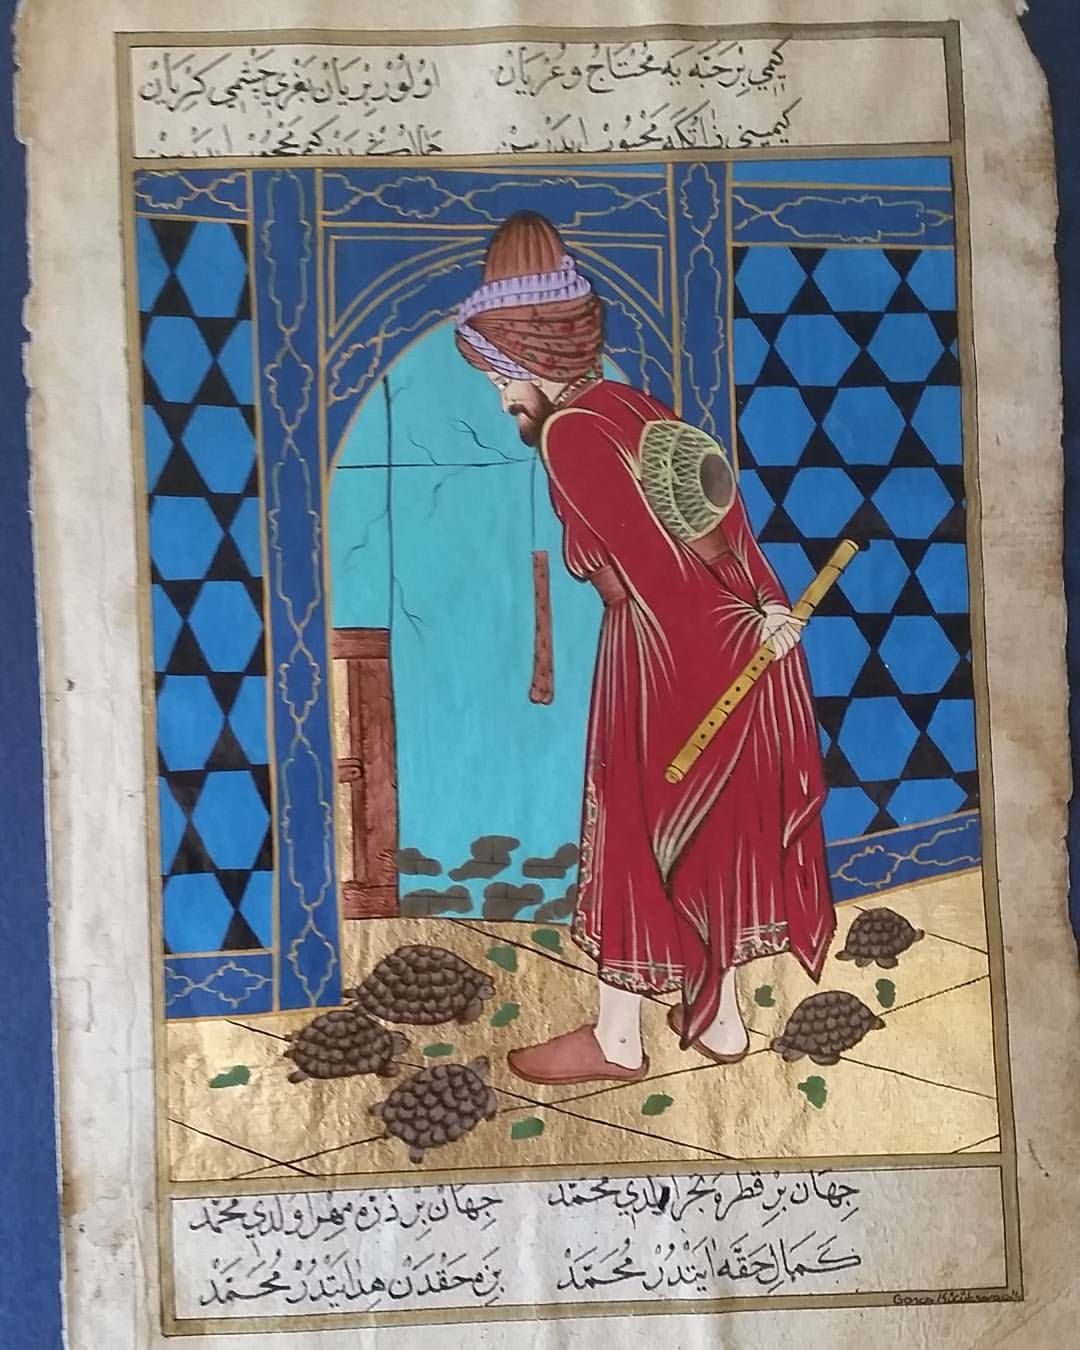 Eski Osmanlı Sayfaları El Işi Minyatür Kaplumbağa Terbiyecisi